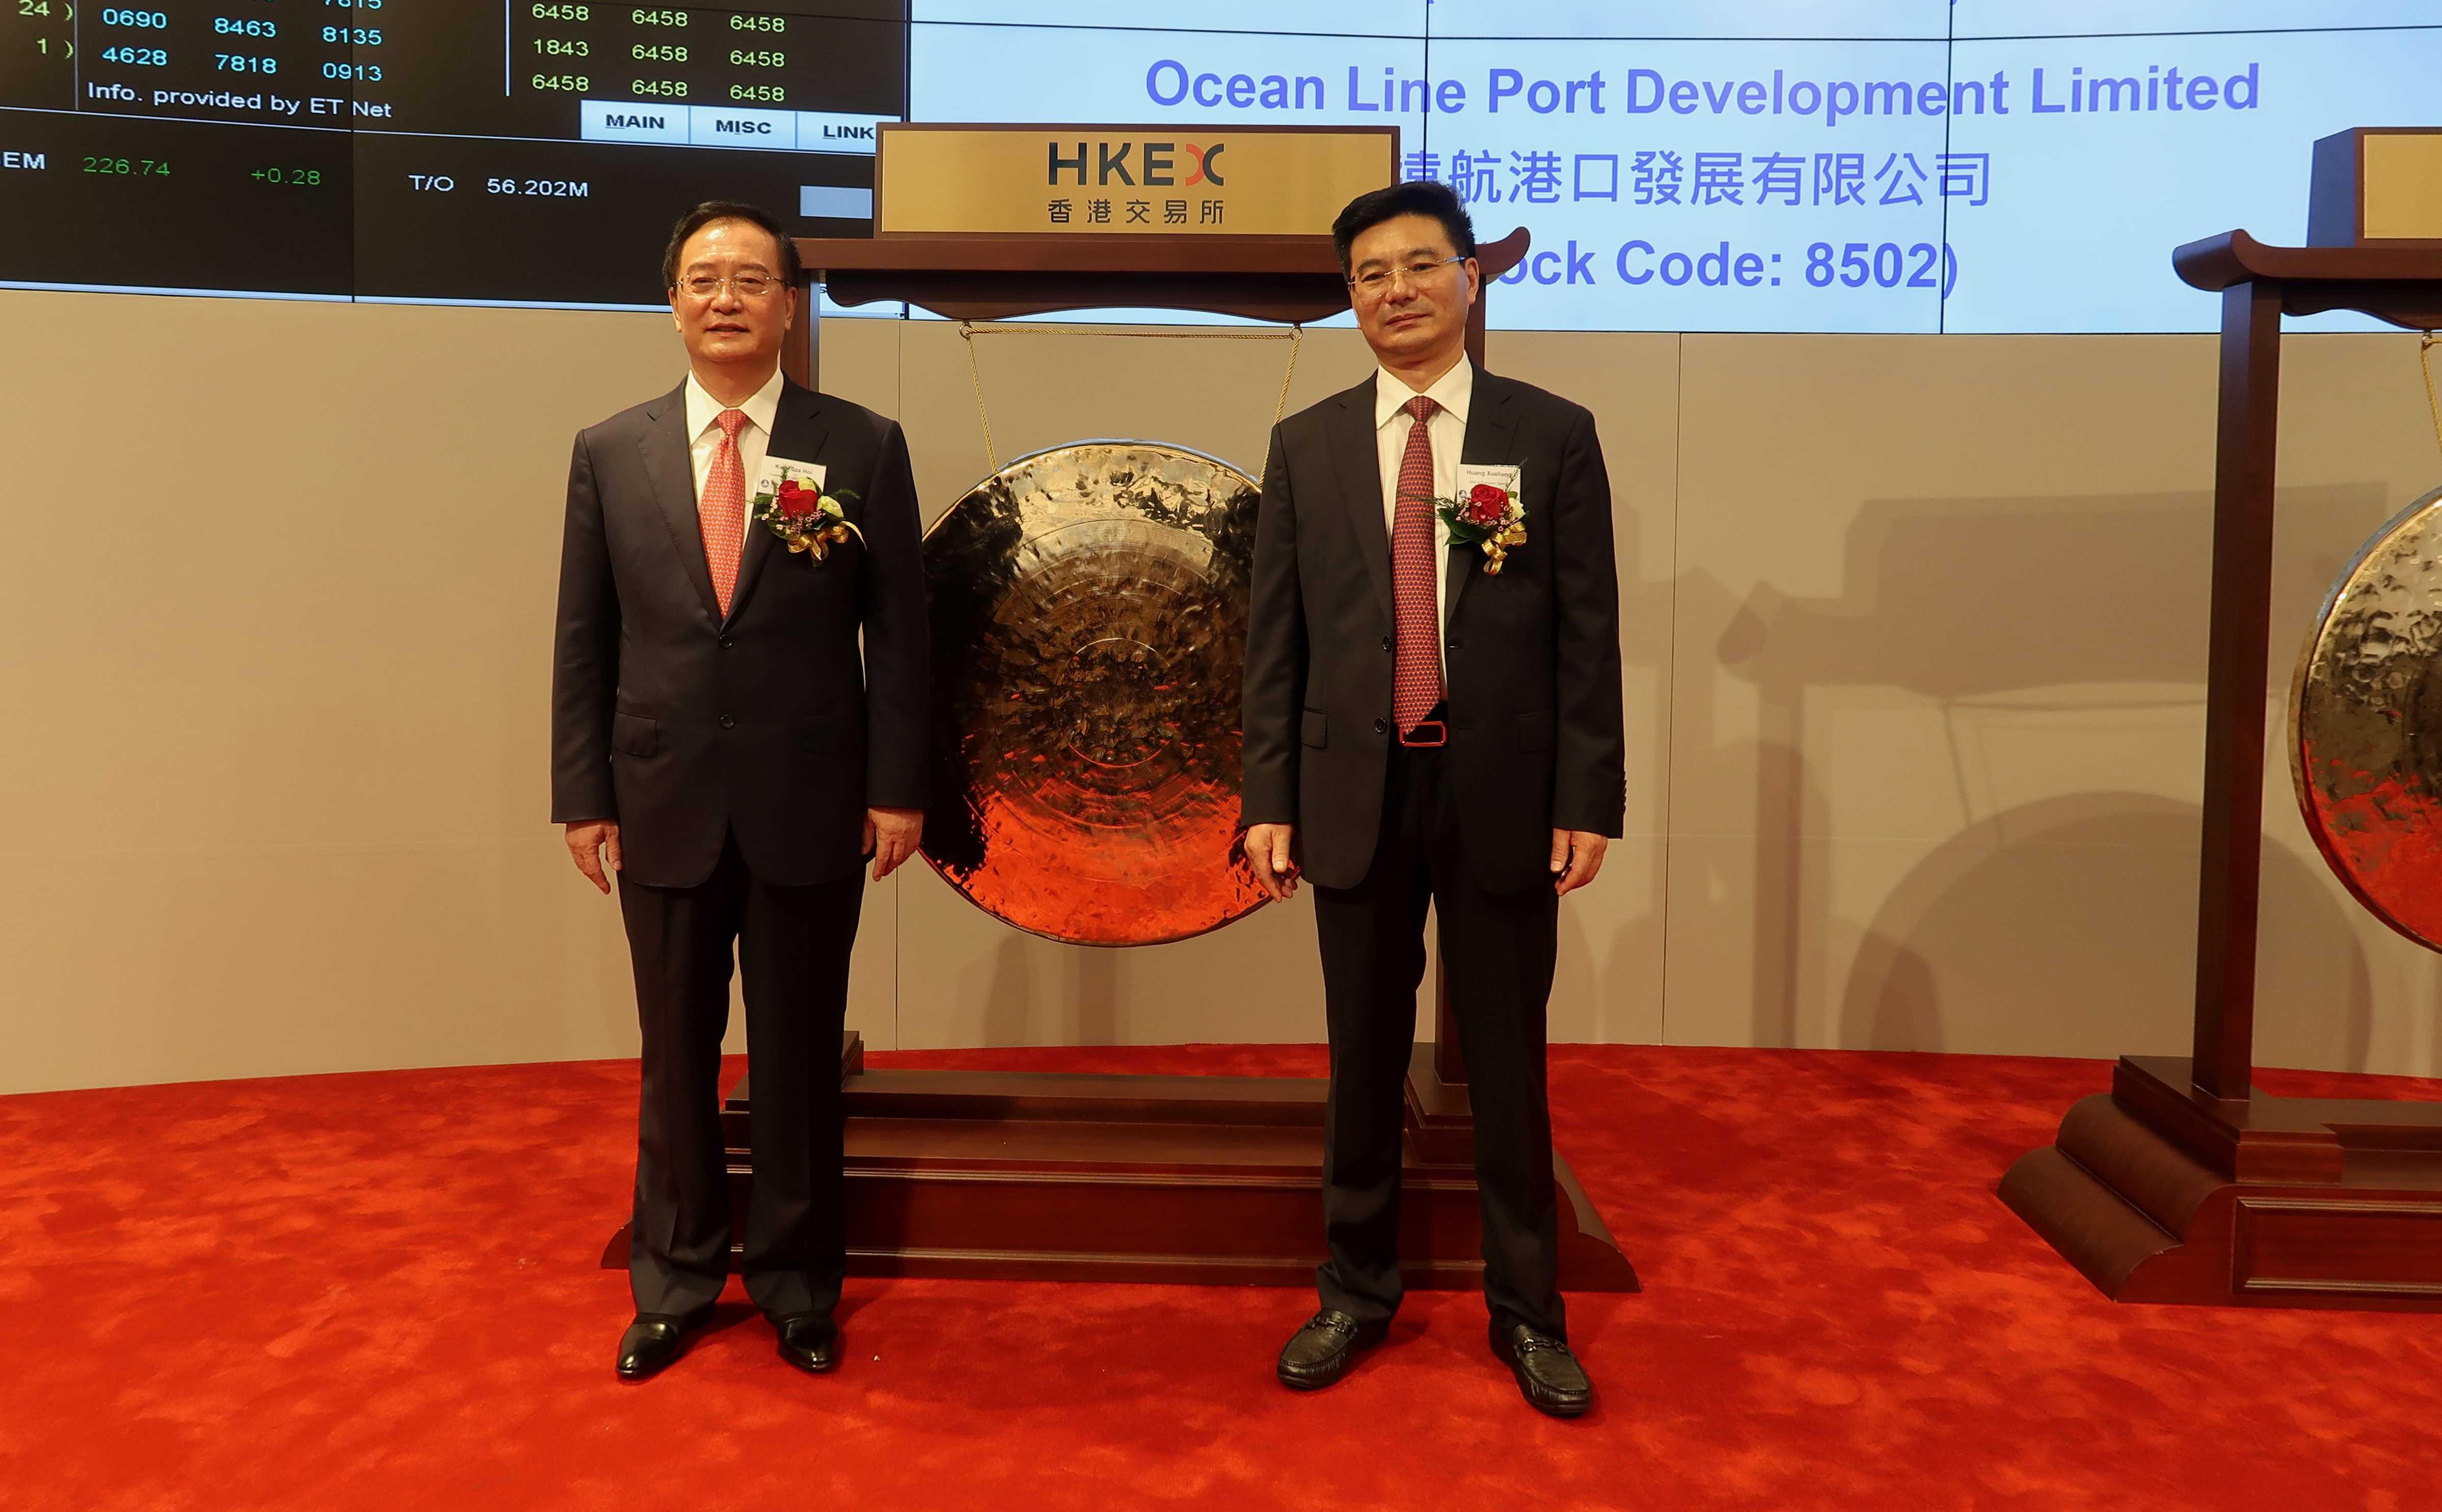 2018年7月10日,公司(08502.HK)在香港交易所掛牌上市,成為池州市首家在境外上市企業,安徽省首家在境外上市港航企業。